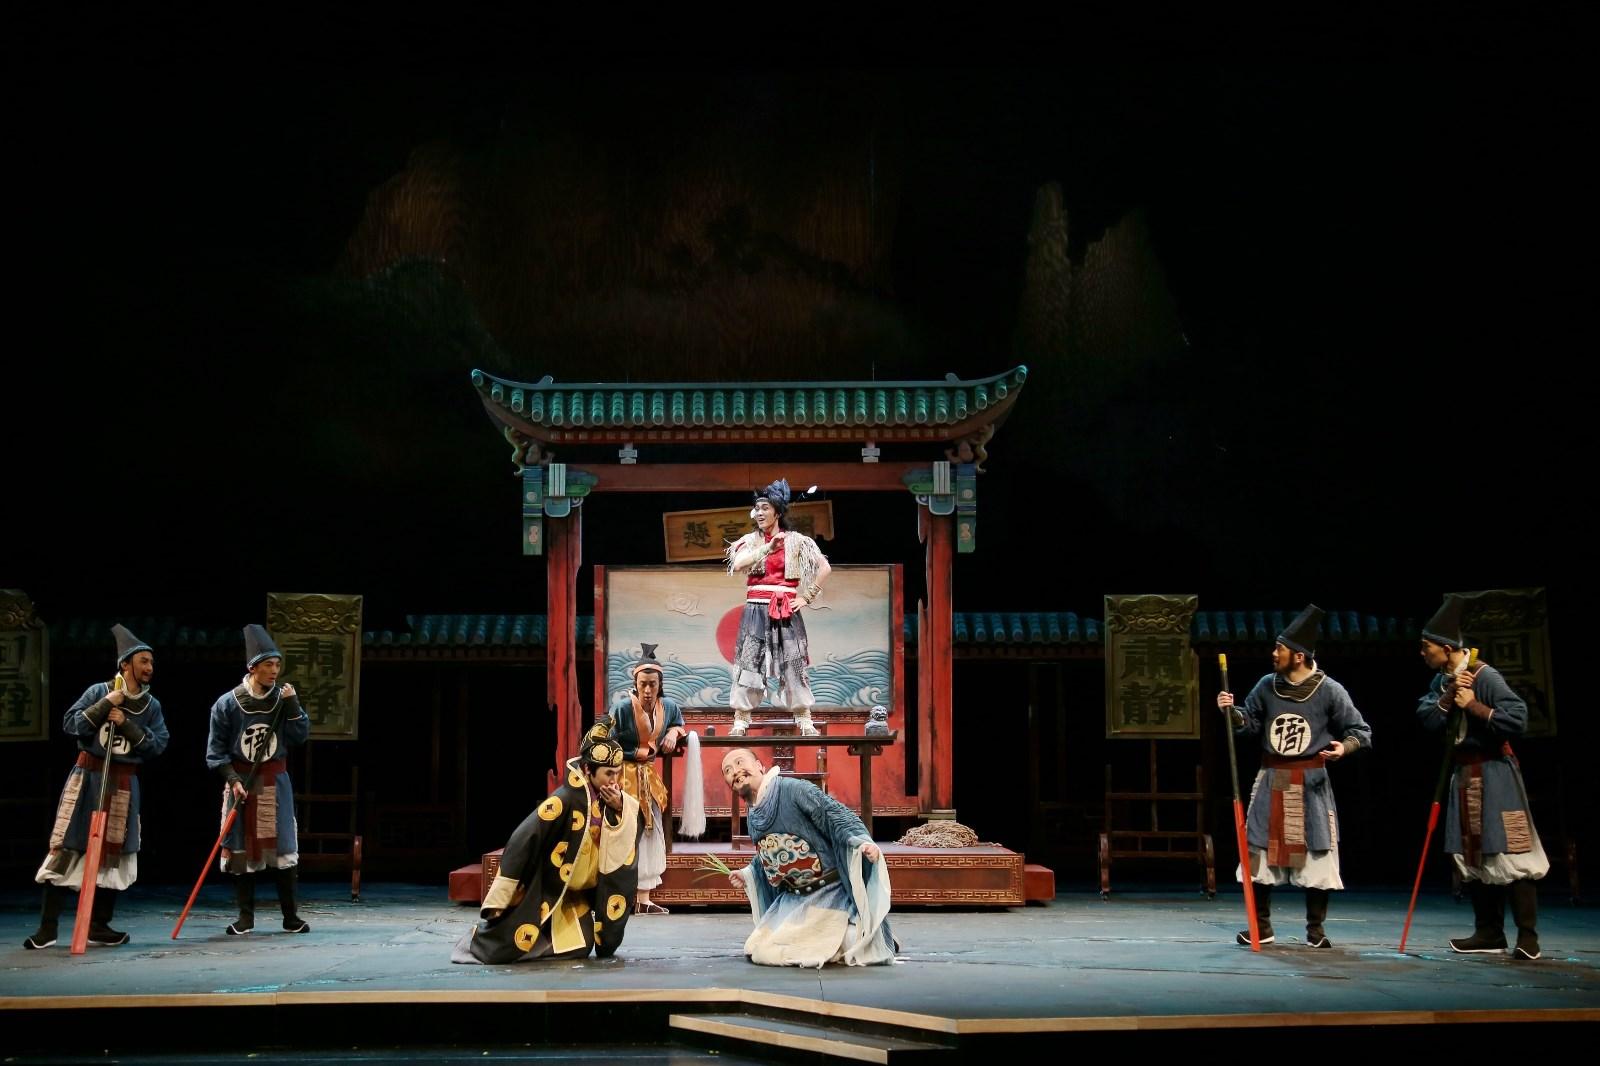 作为喜剧风格的儿童剧,剧中的幽默搞笑无处不在,该剧剧本改编杨硕